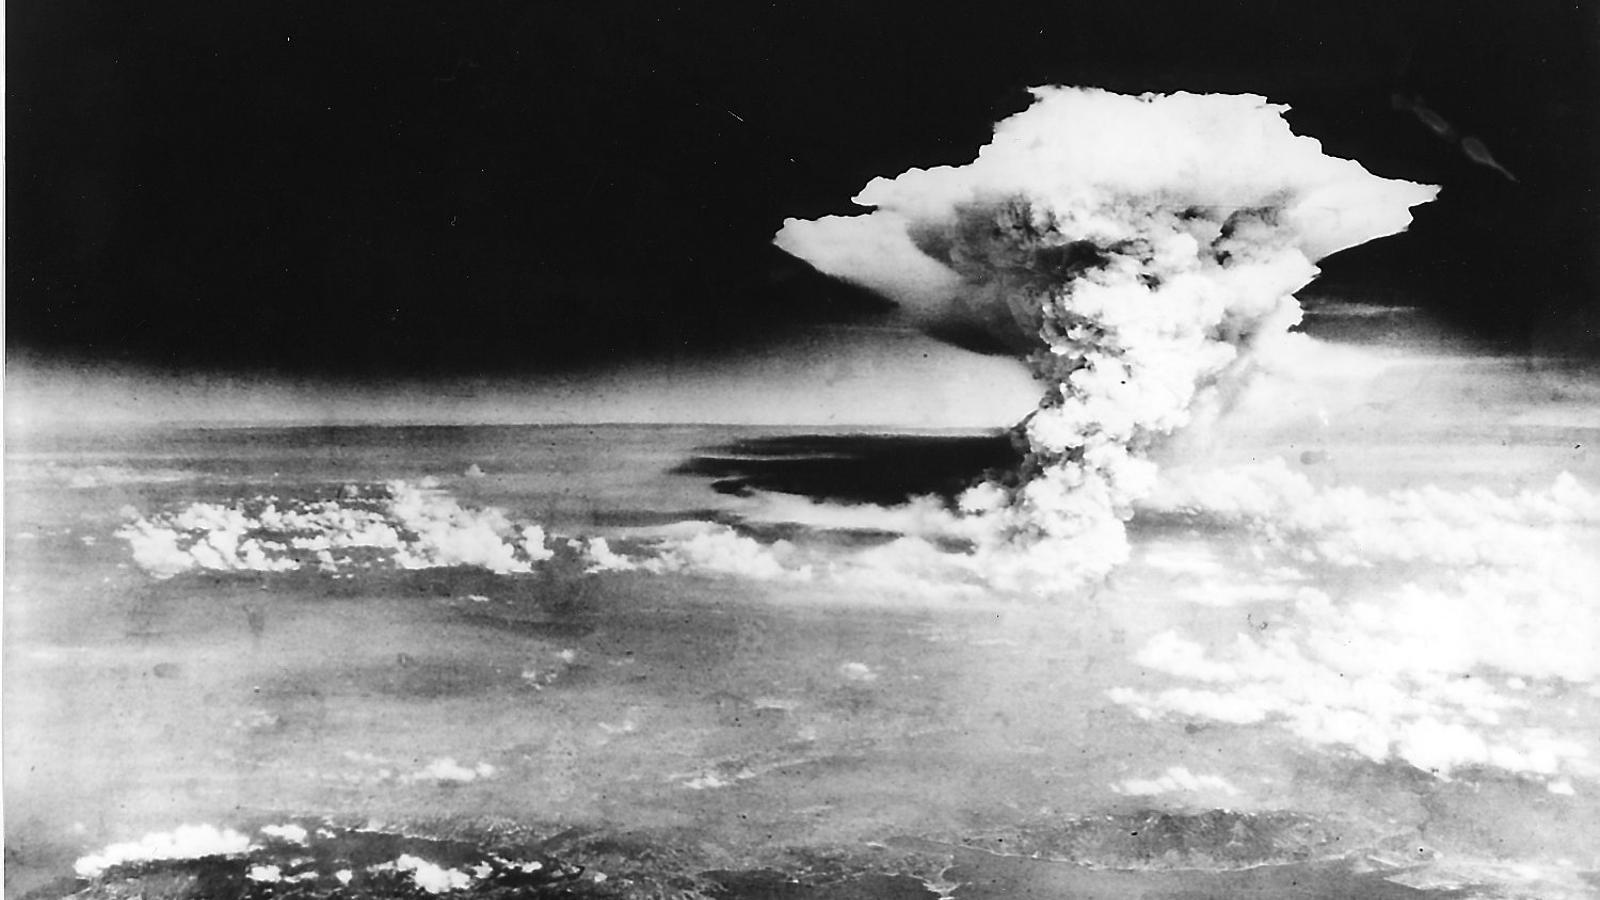 Imatge de l'explosió que va provocar el llançament de la bomba atòmica sobre Hiroshima.